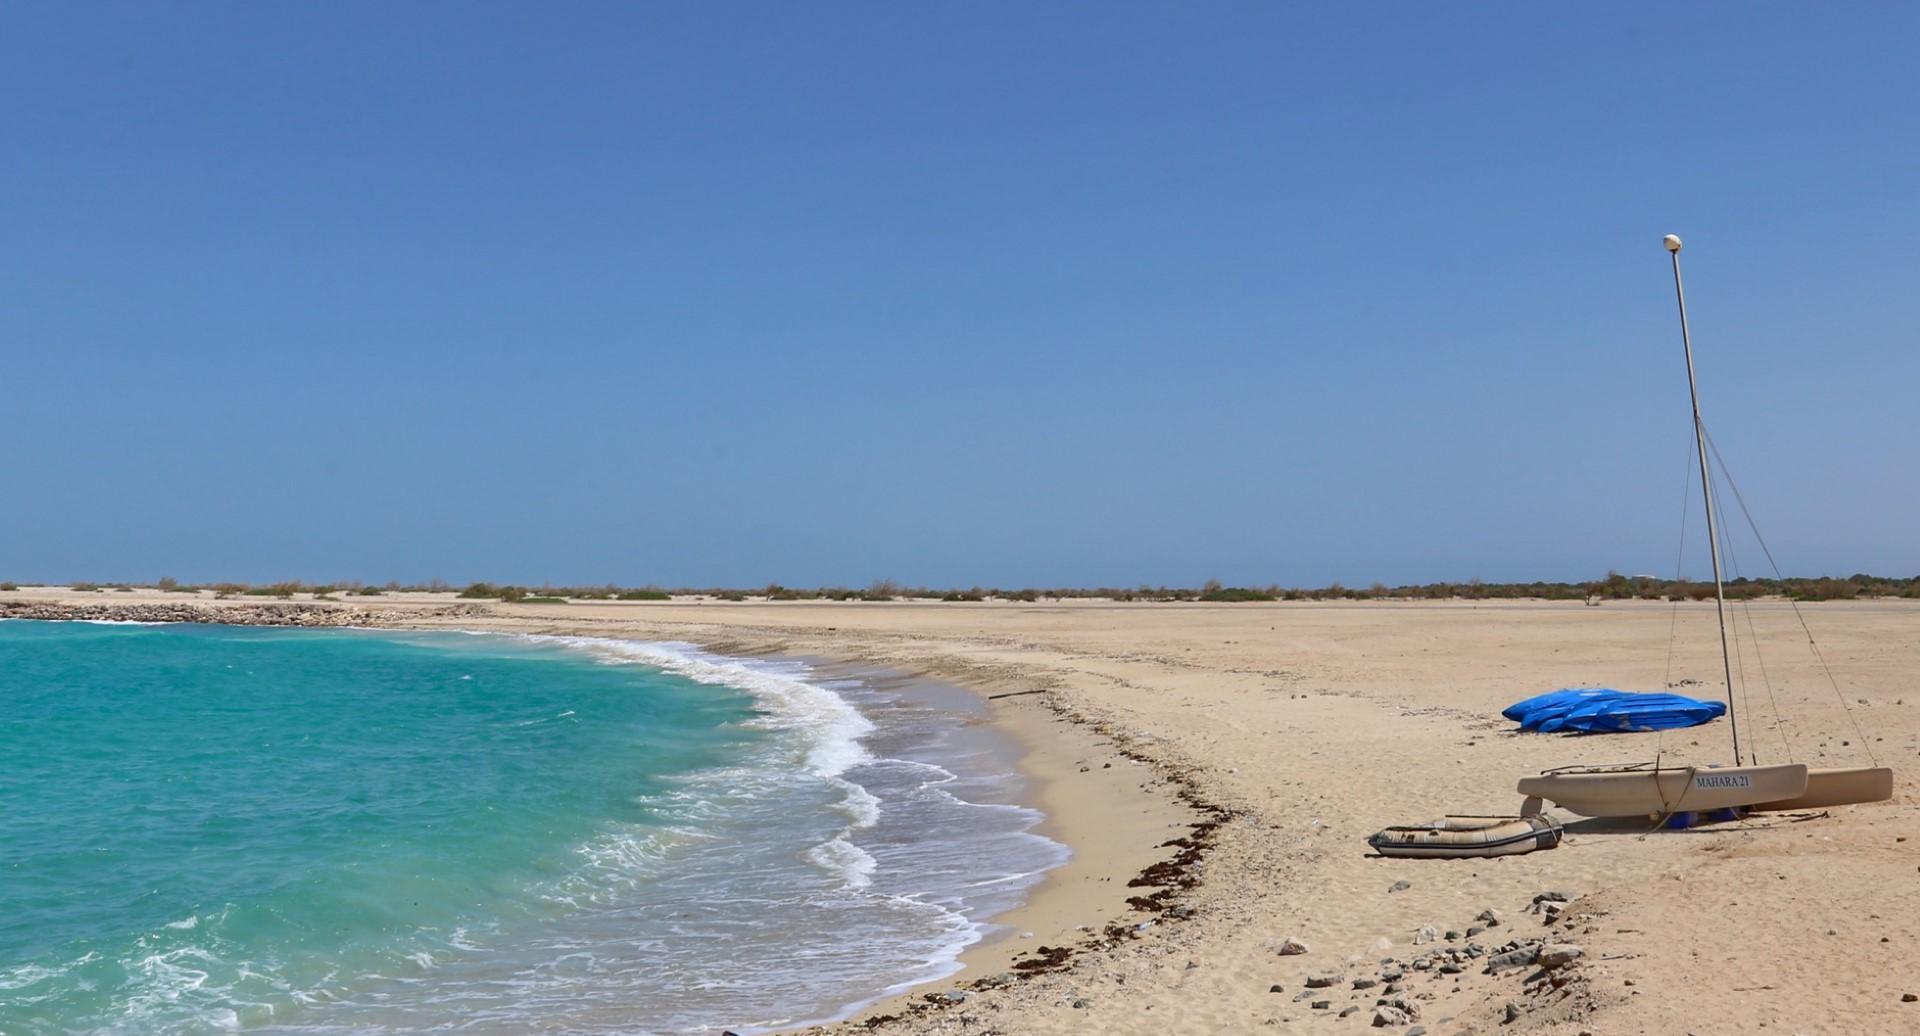 Il mare di Abu Dhabi